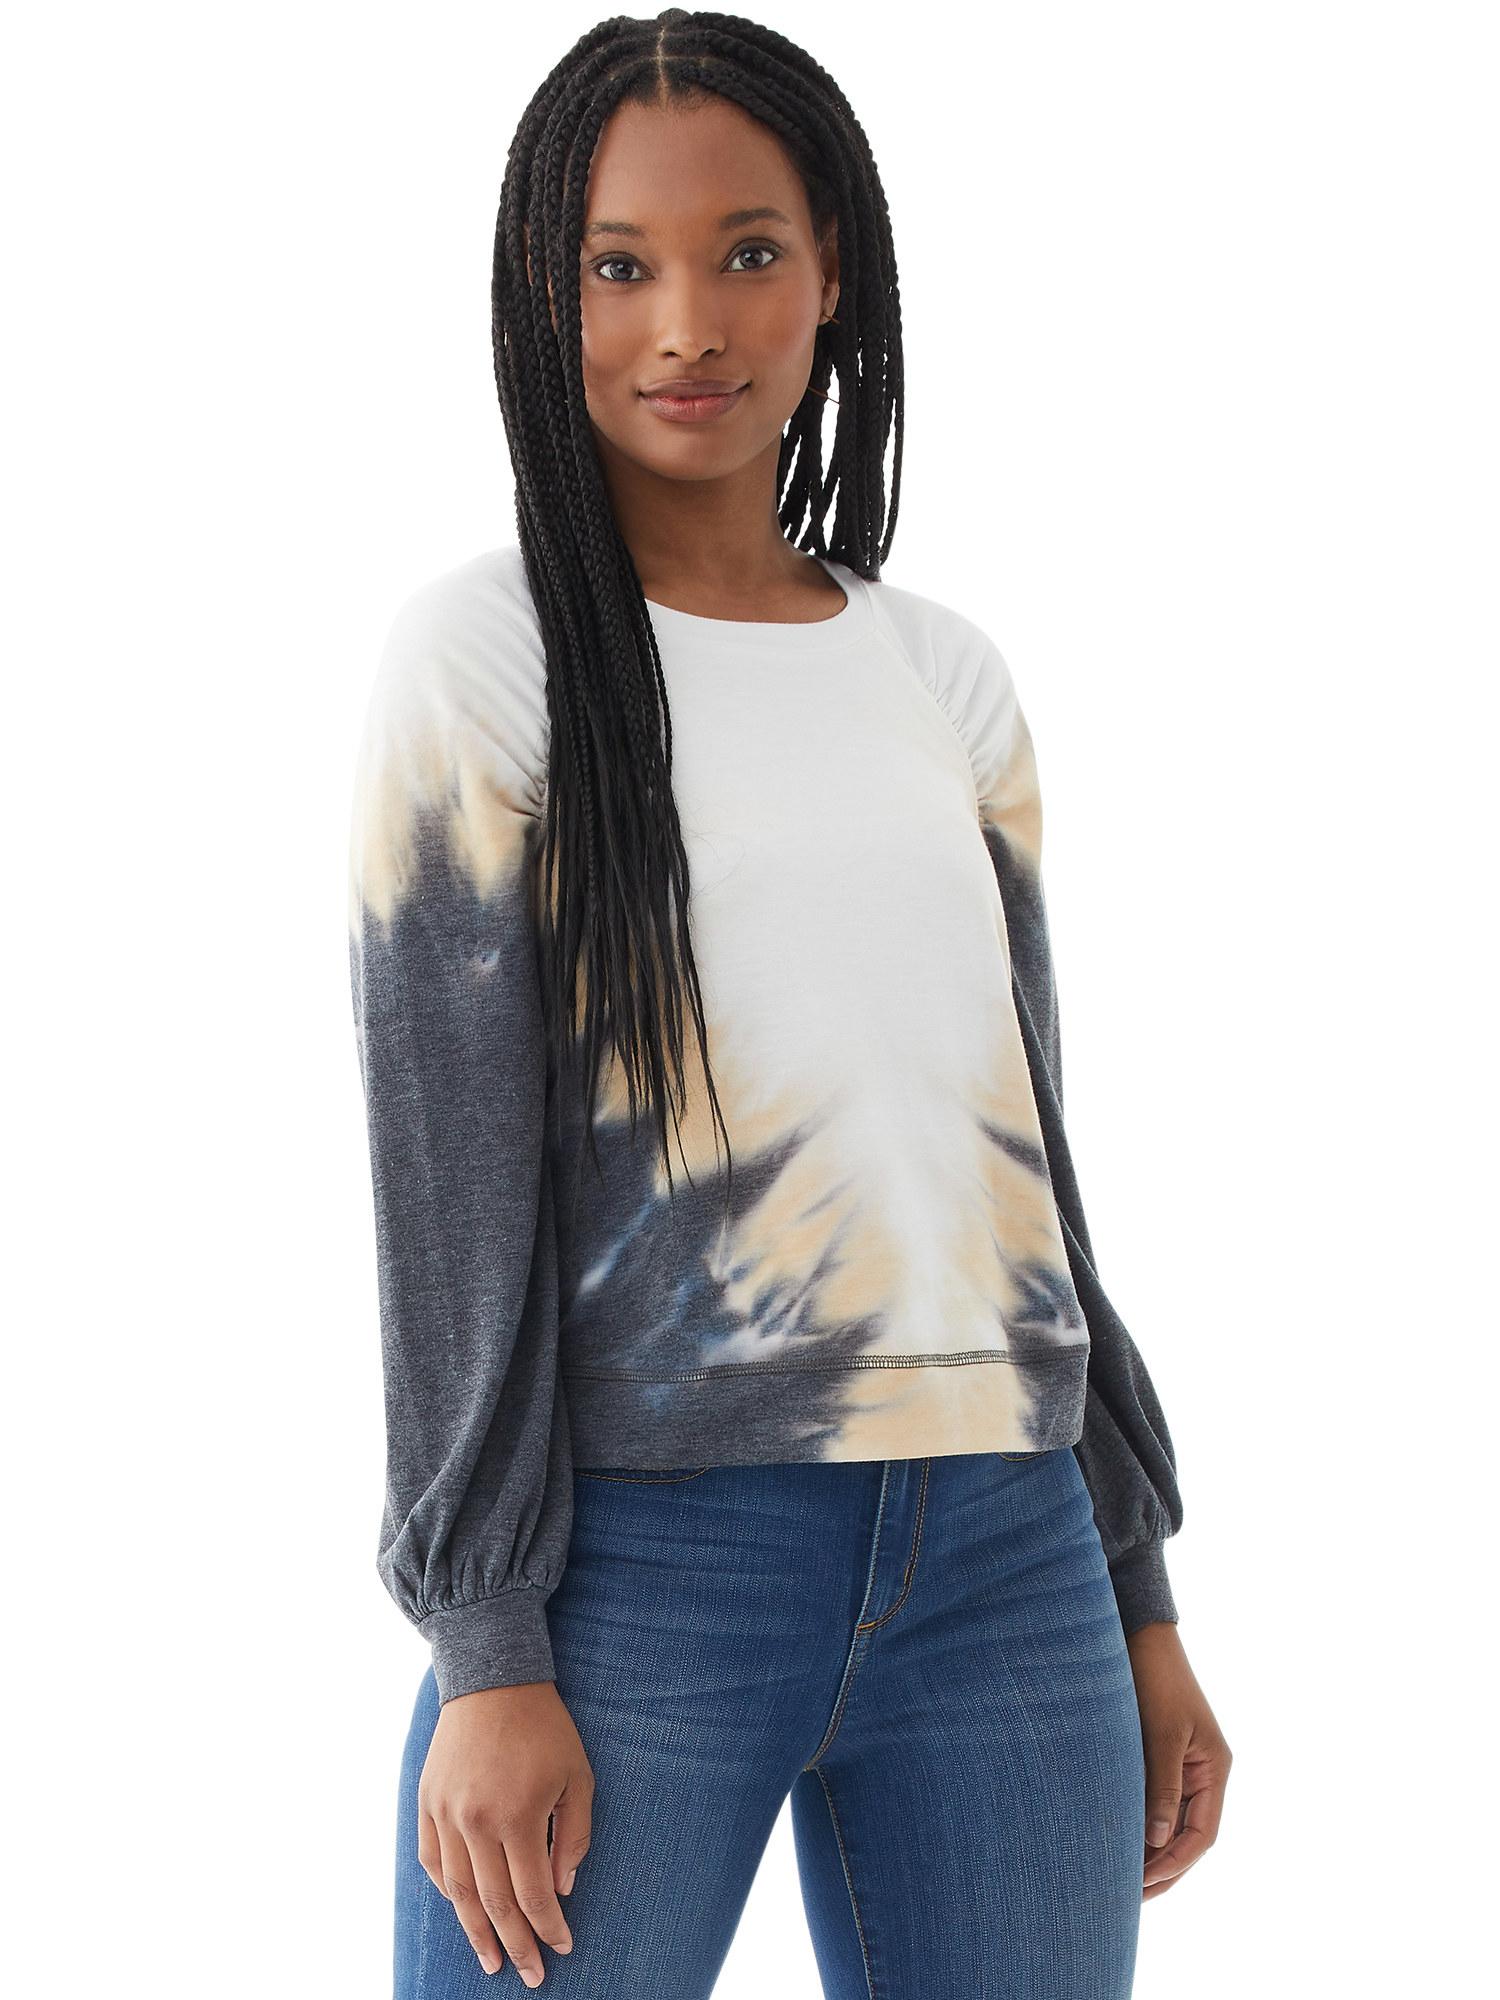 Model in tie dye sweatshirt and jeans